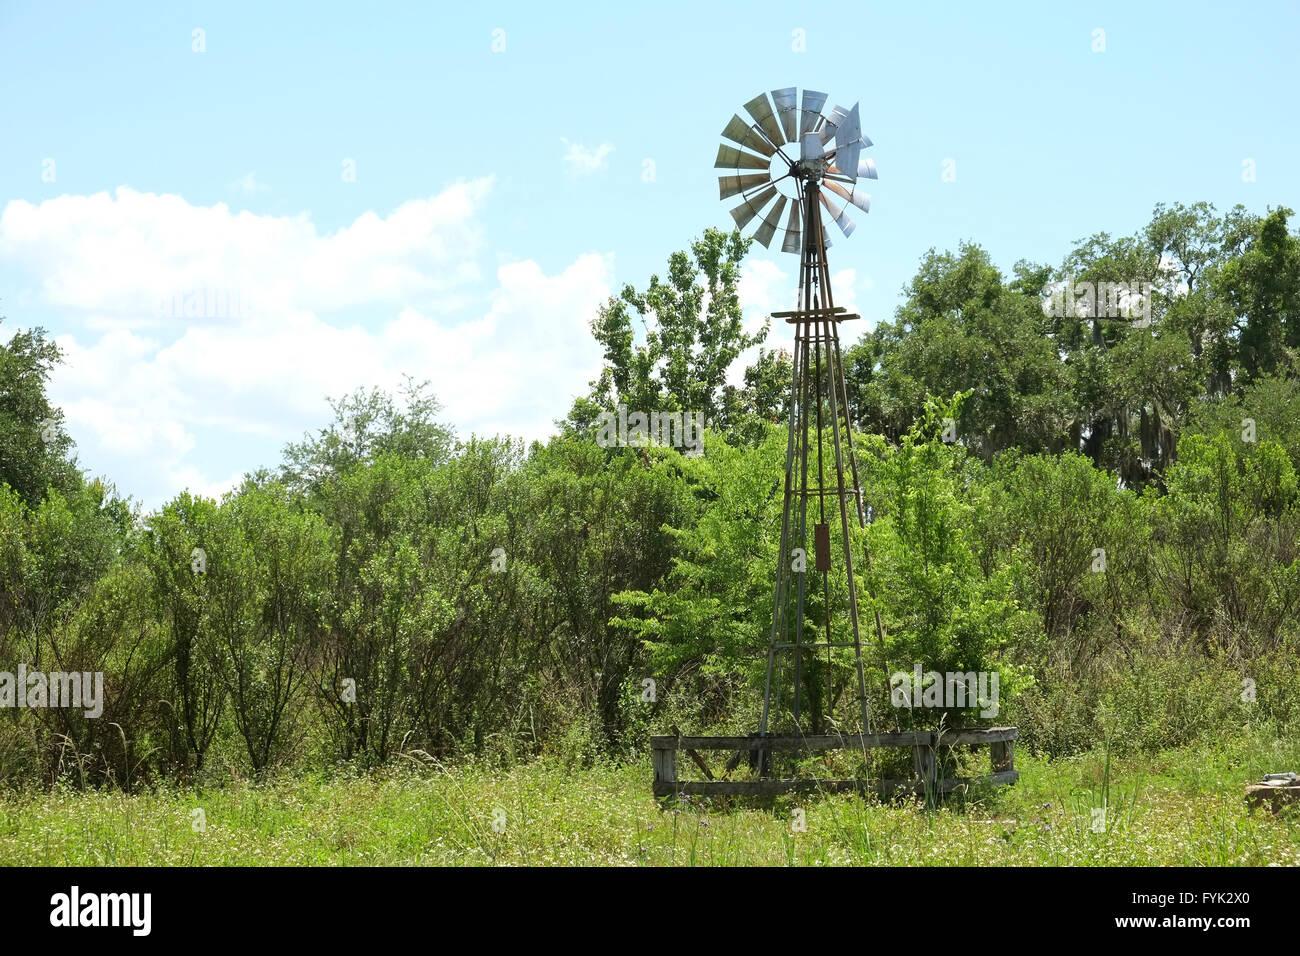 Kleinen Wind angetriebene Pumpe auf einer Farm oder Ranch in Zentral-Florida, USA Stockbild